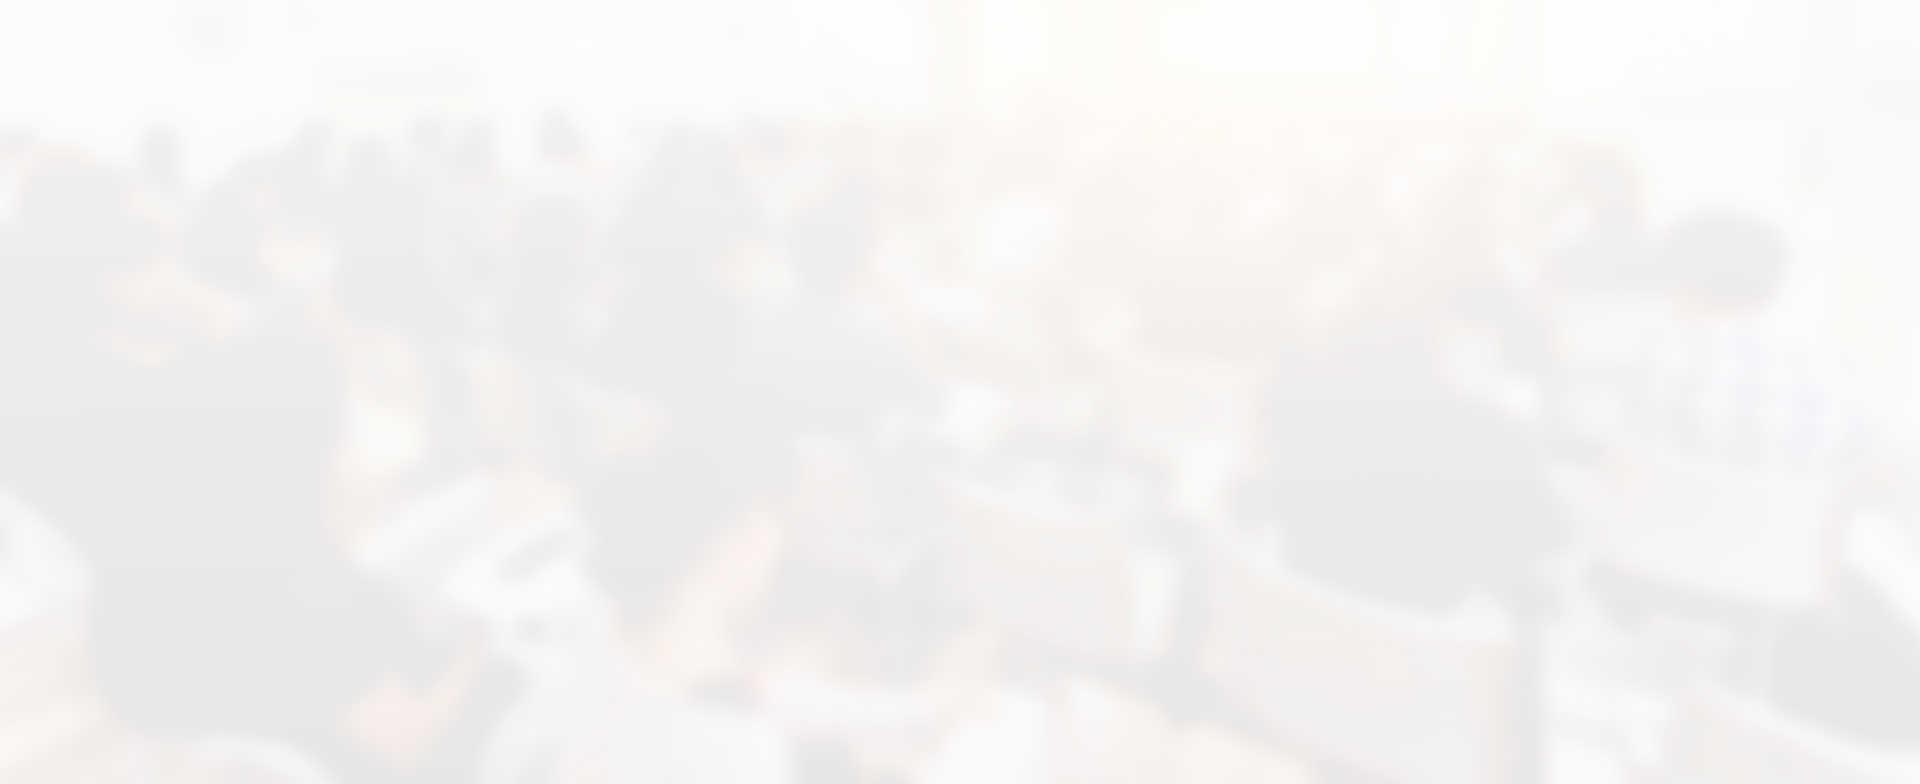 UMA NOVA PERSPECTIVA DE GESTÃO, AGILIDADE E GERENCIAMENTO DE PROJETOS